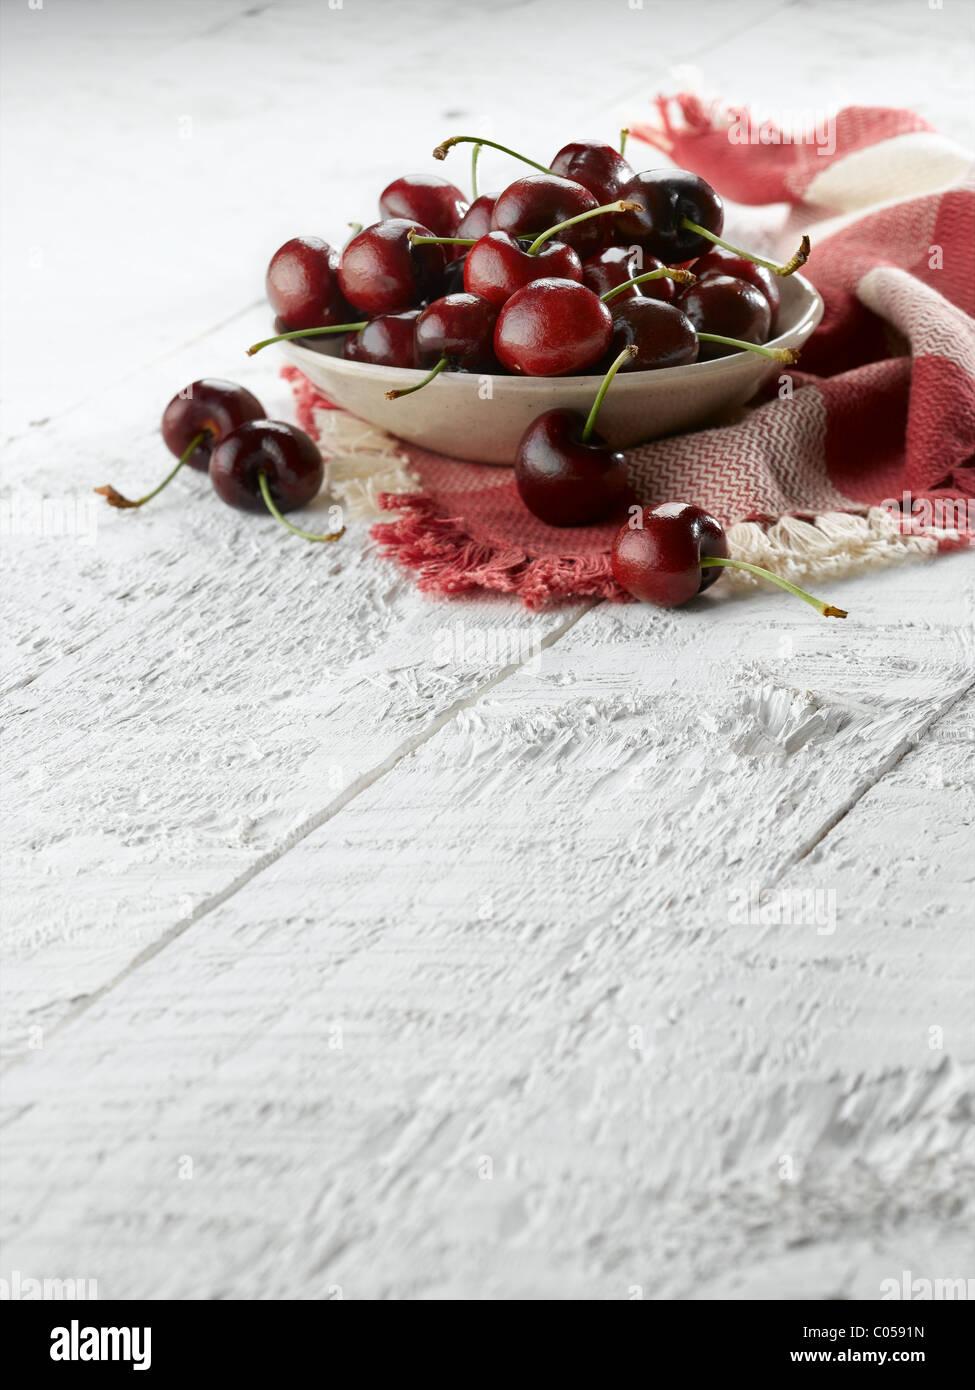 red cherries - Stock Image